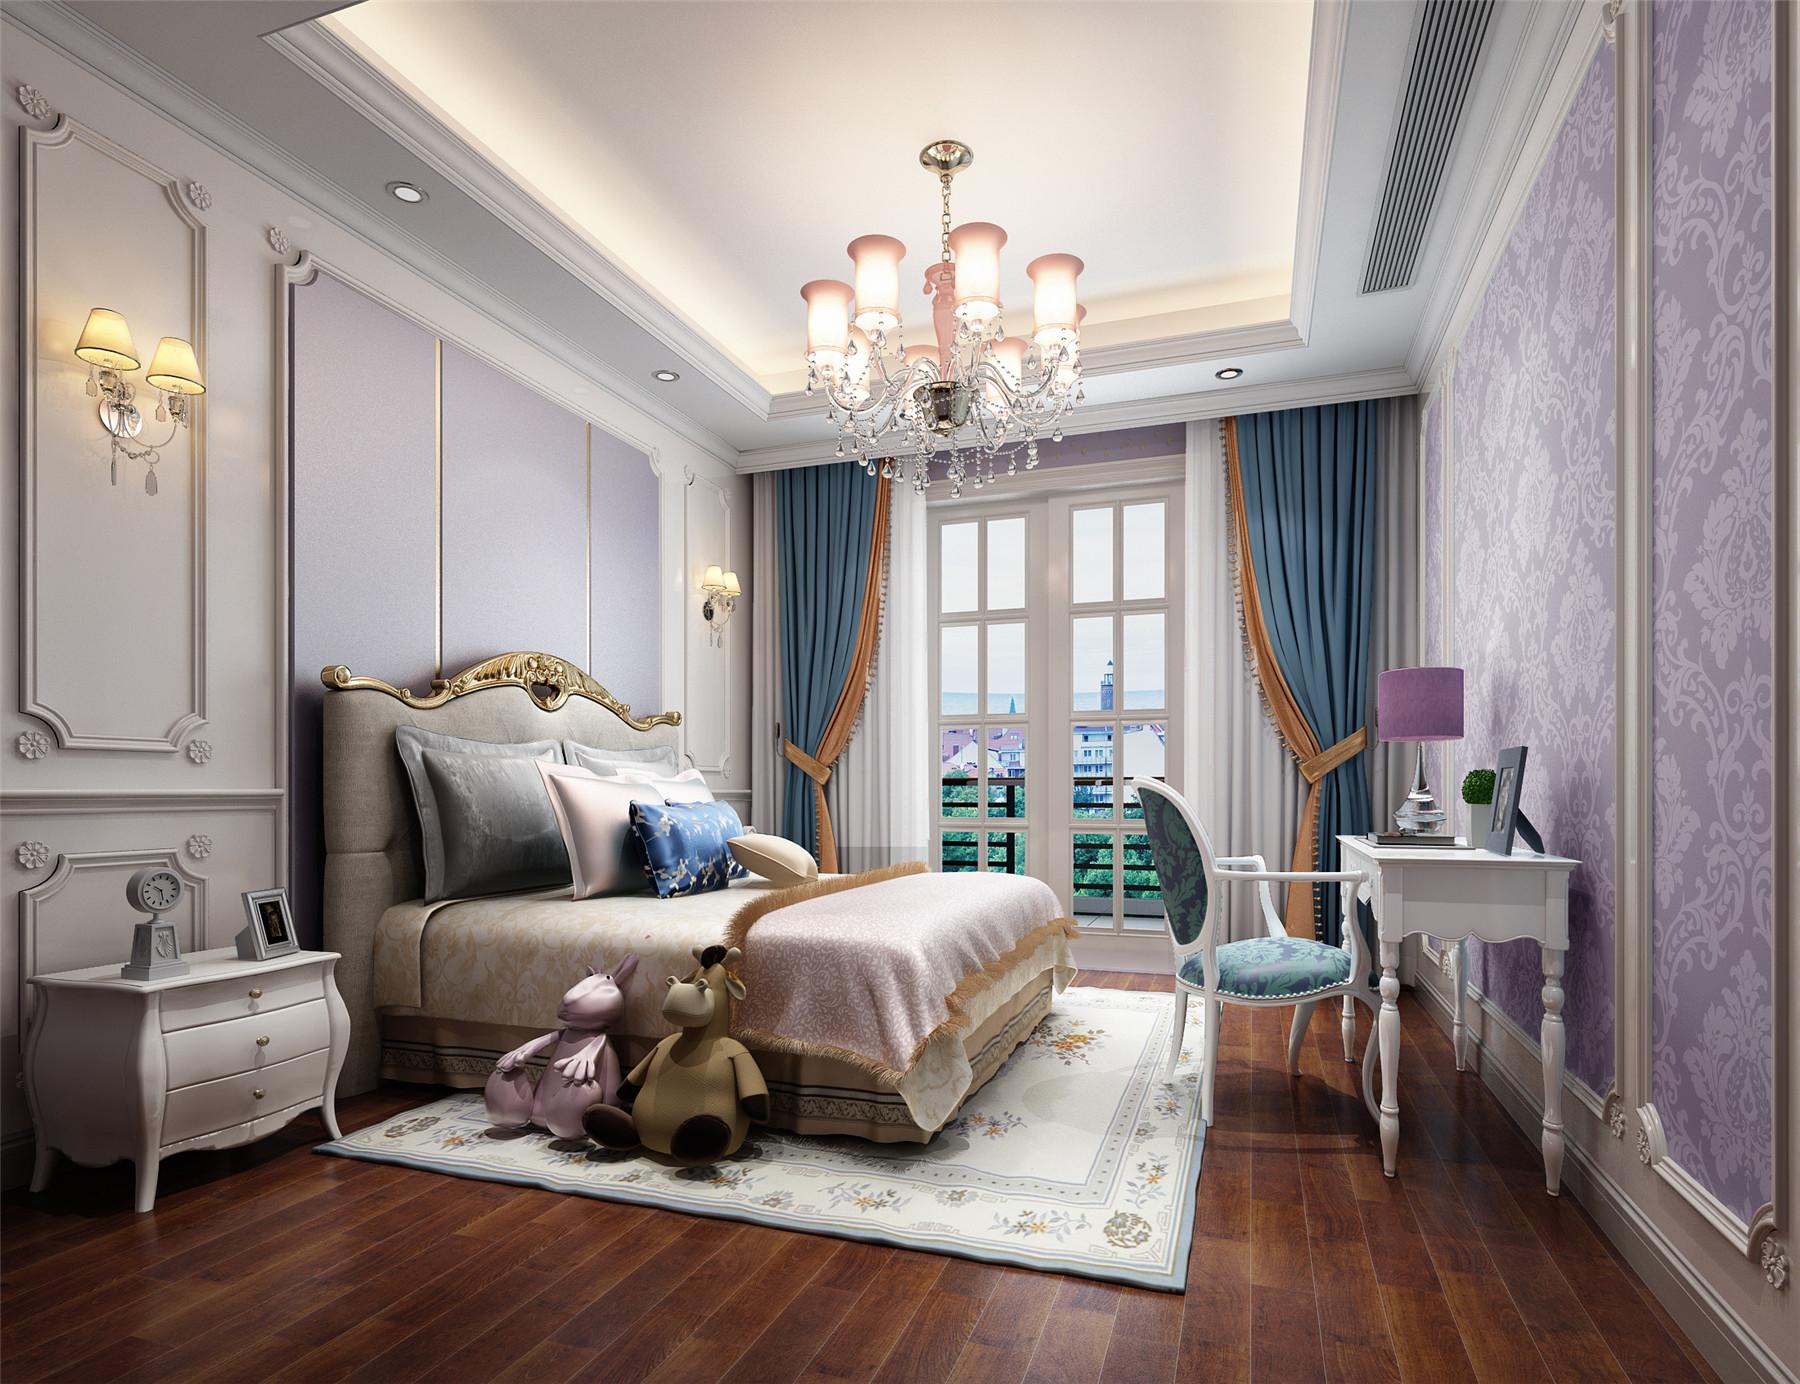 金大元-500平米别墅欧式风格-谷居家居装修设计效果图